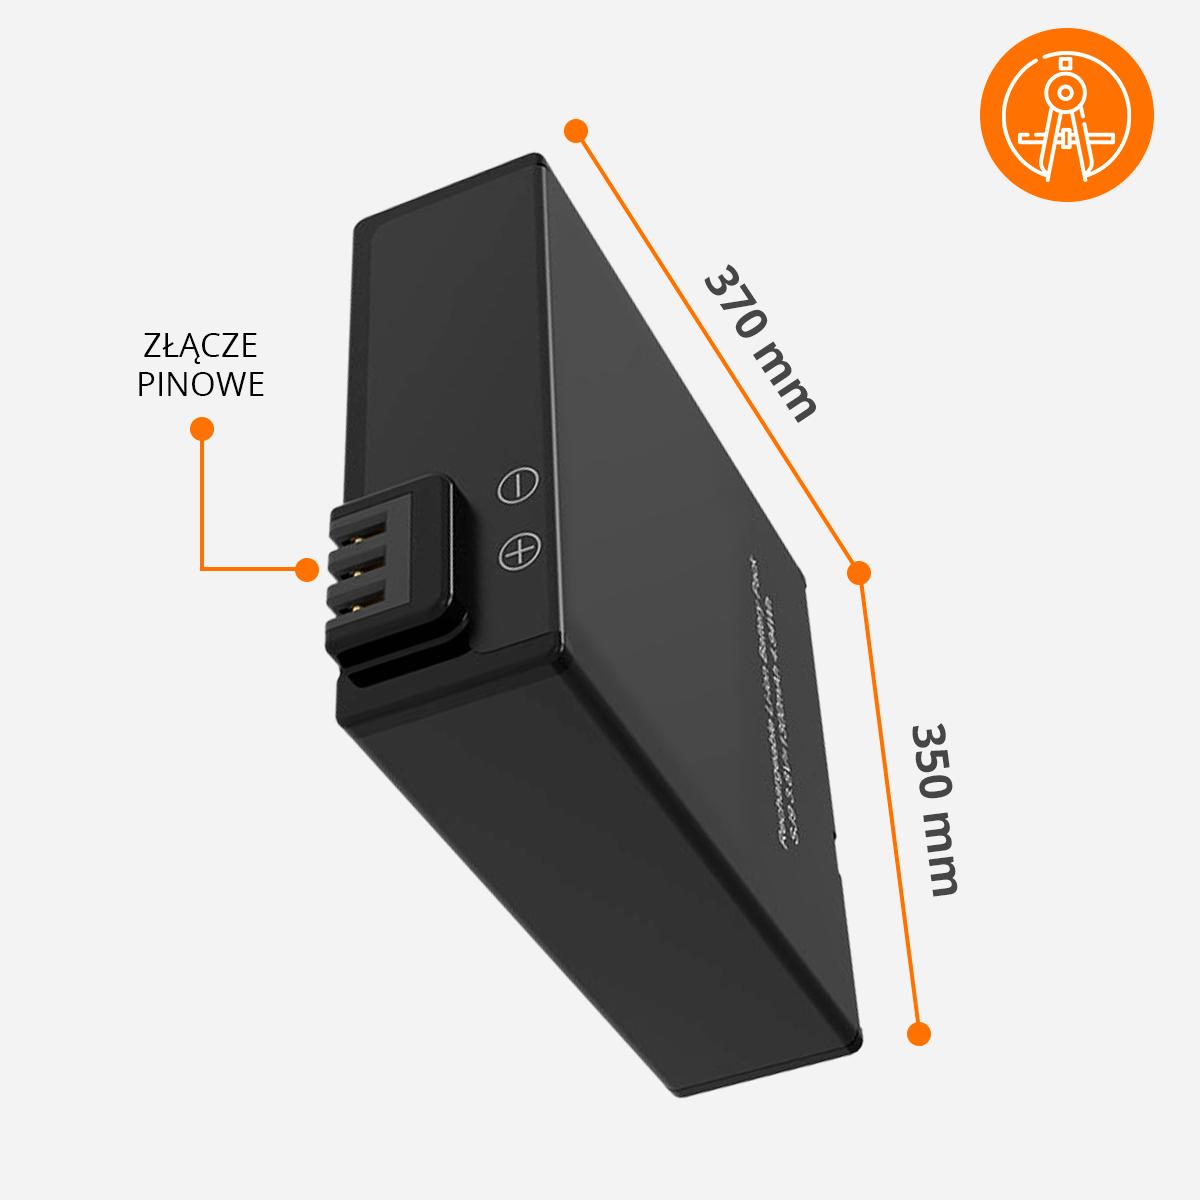 bateria-shark-orllo-xpro-shark-max-specyfikacja